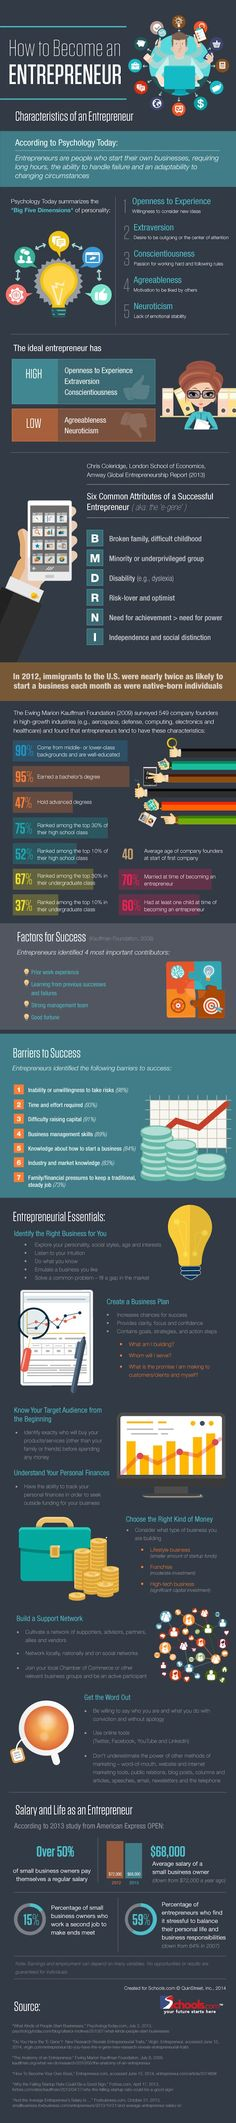 Les qualités qui font les grands entrepreneurs - FrenchWeb.fr